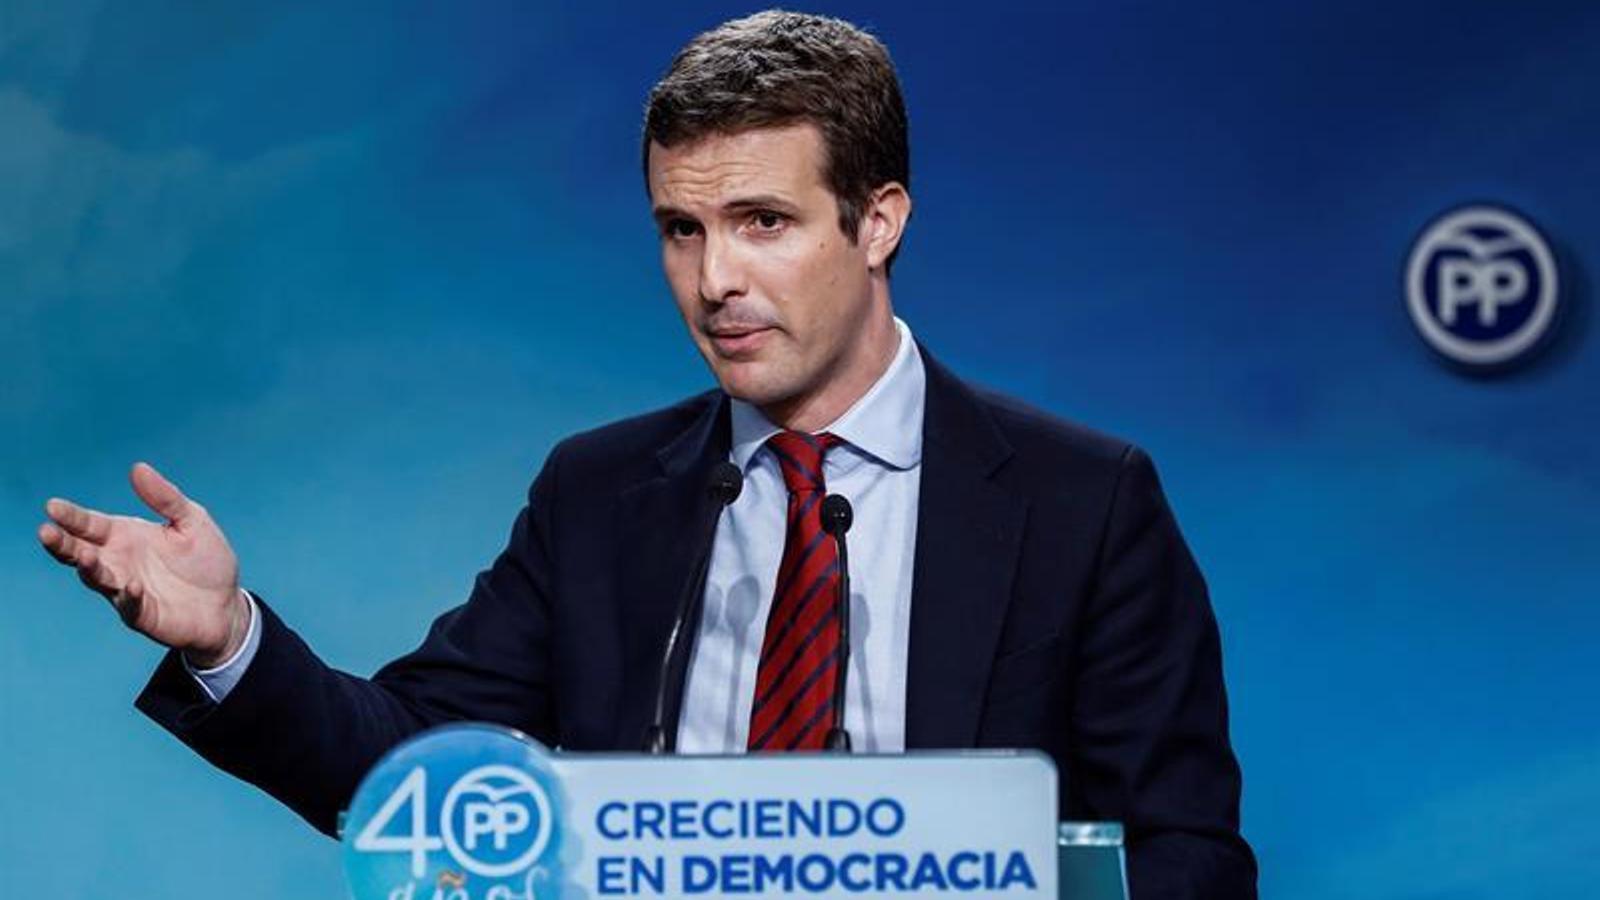 El vicesecretari de Comunicació del PP, Pablo Casado, durant la roda de premsa després del Comitè de Direcció del partit.